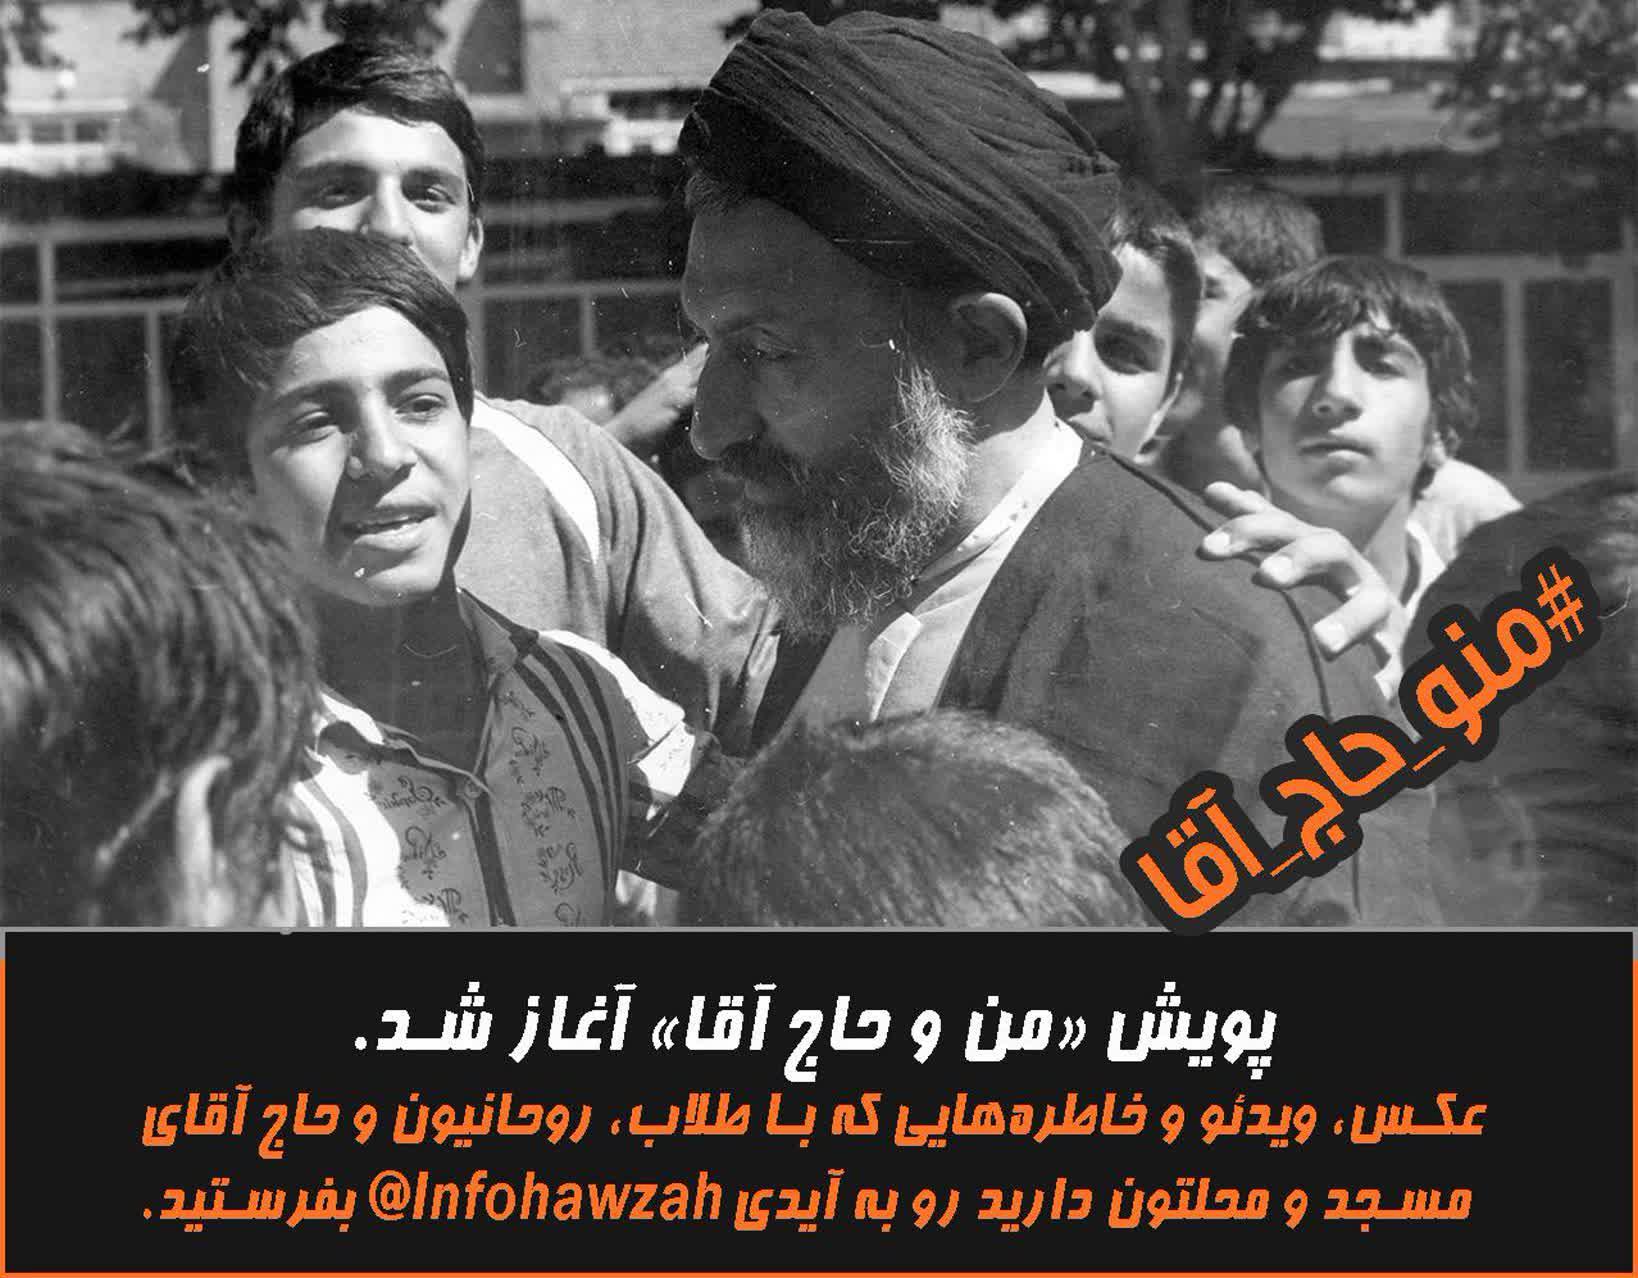 کمپین منو حاج آقا در خبرگزاری حوزه